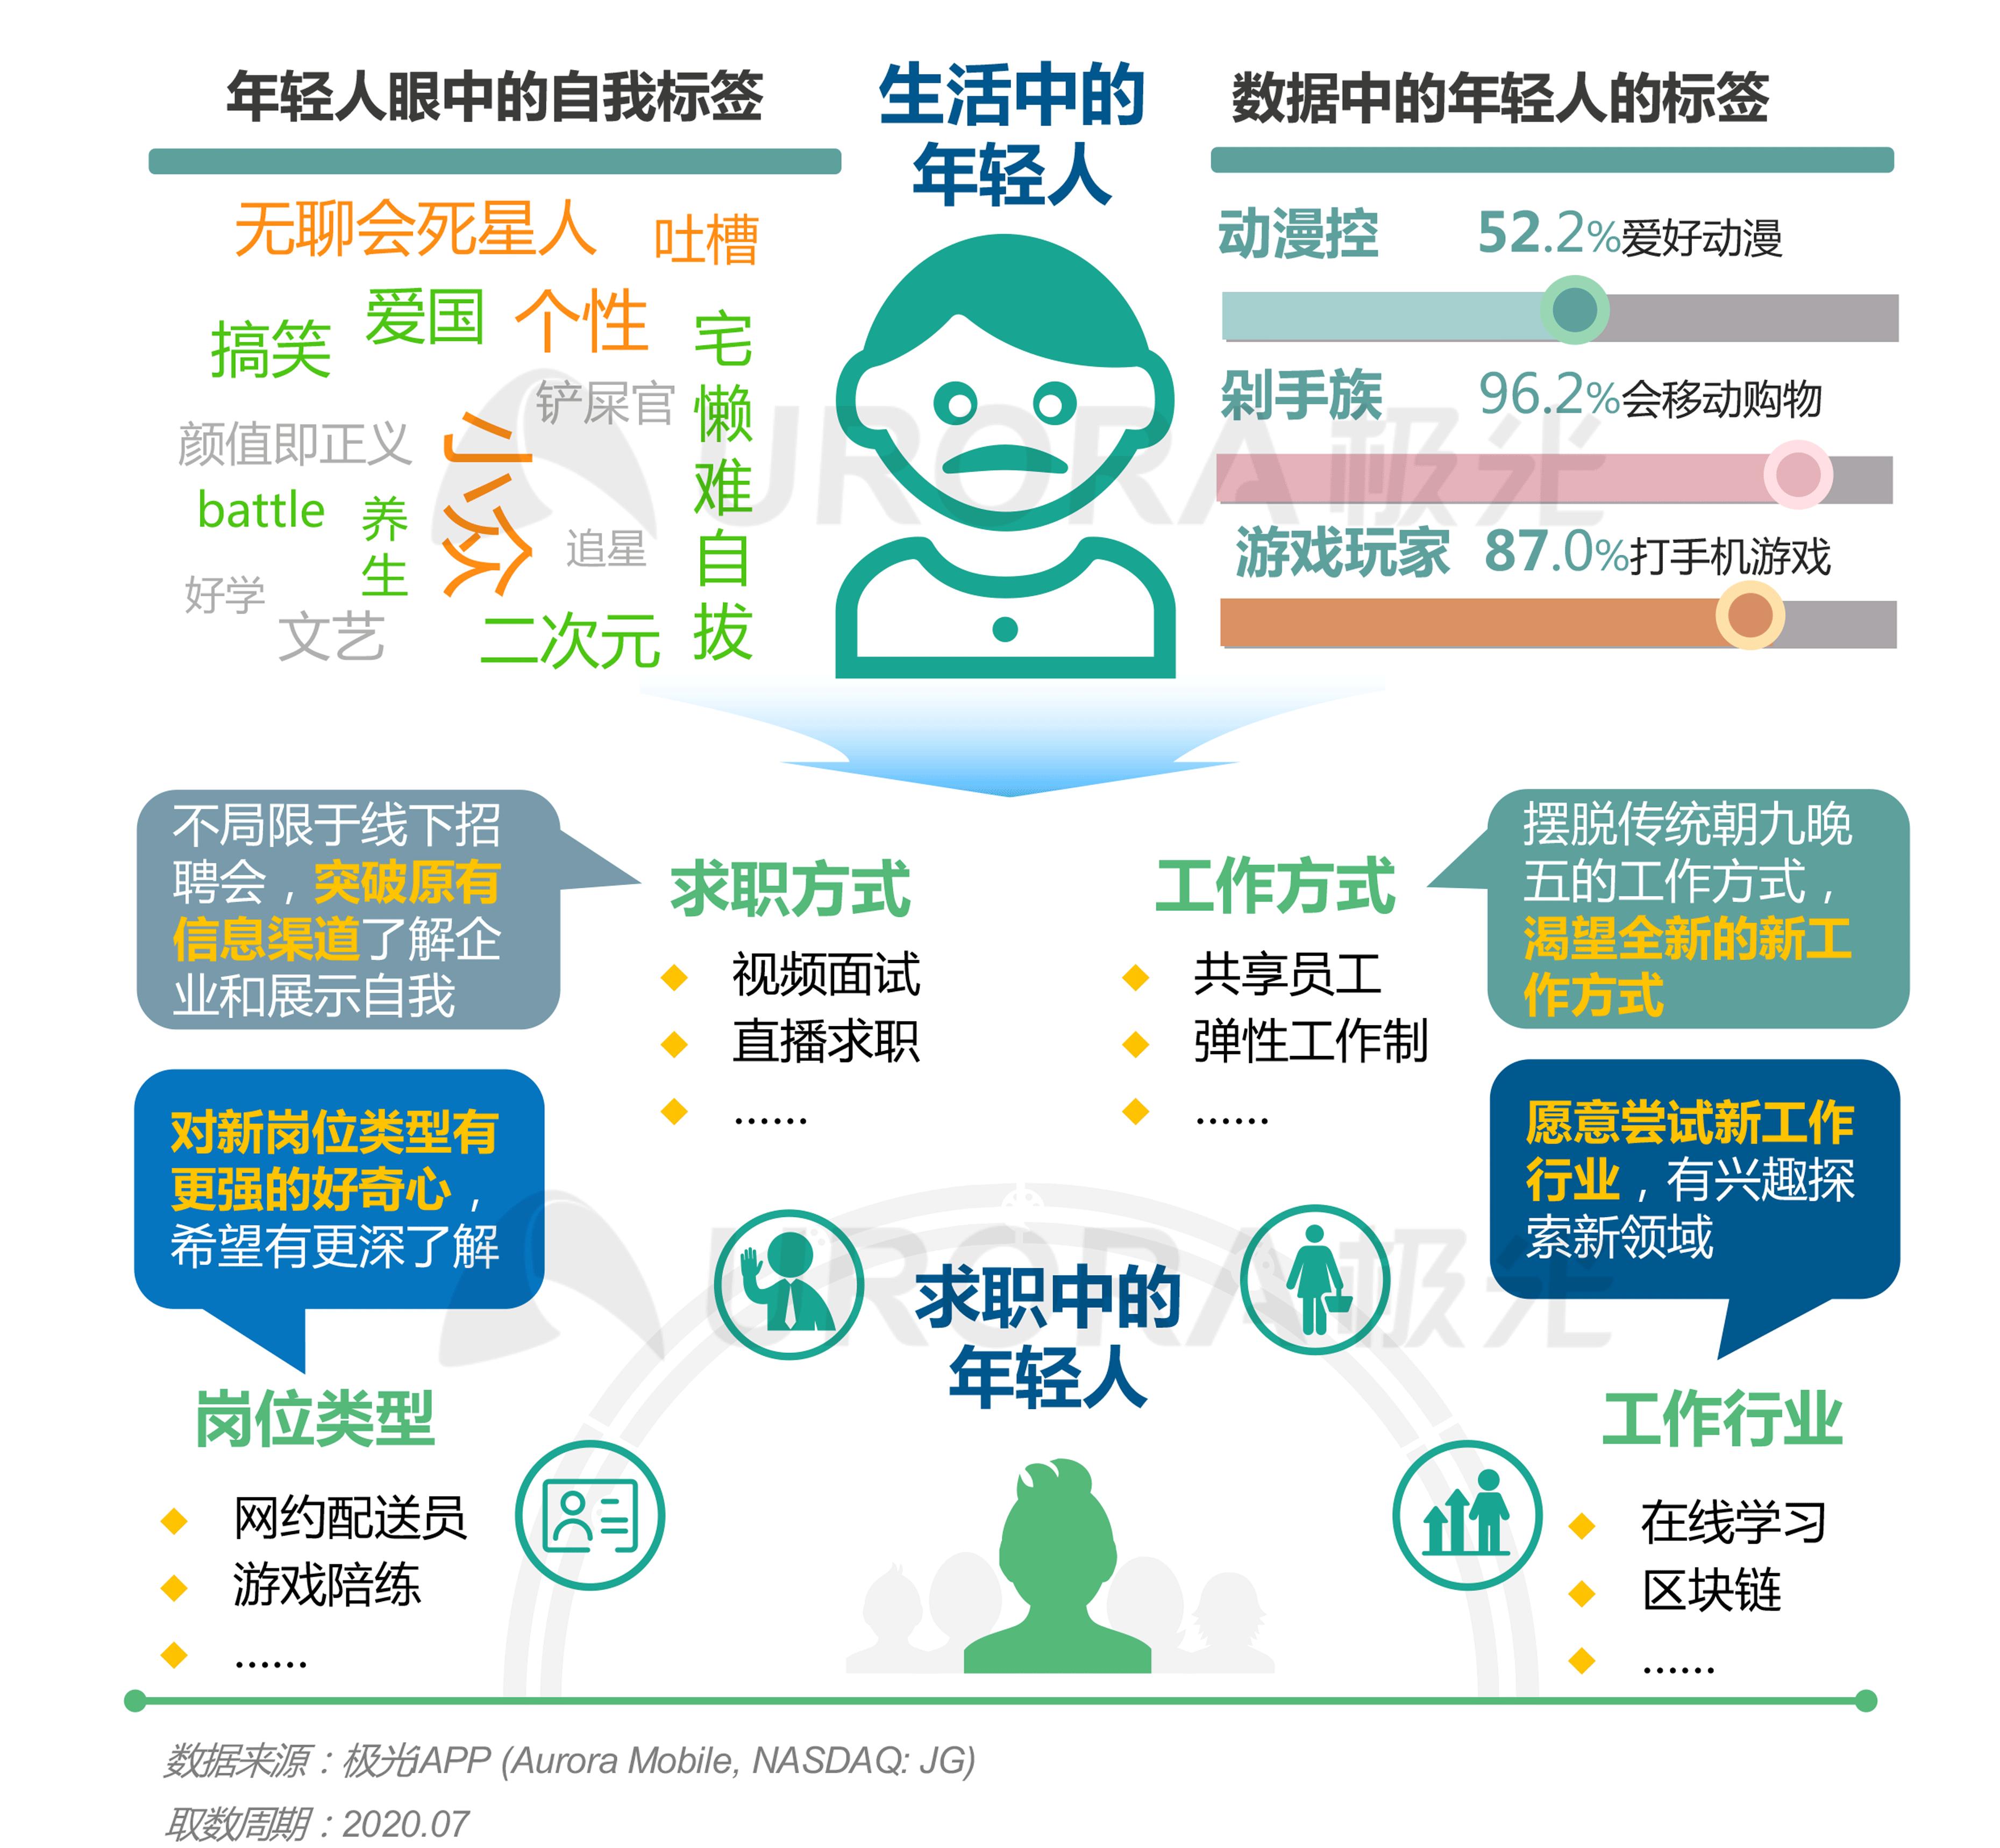 """""""超职季""""招聘行业报告-年轻人求职篇 (2).png"""